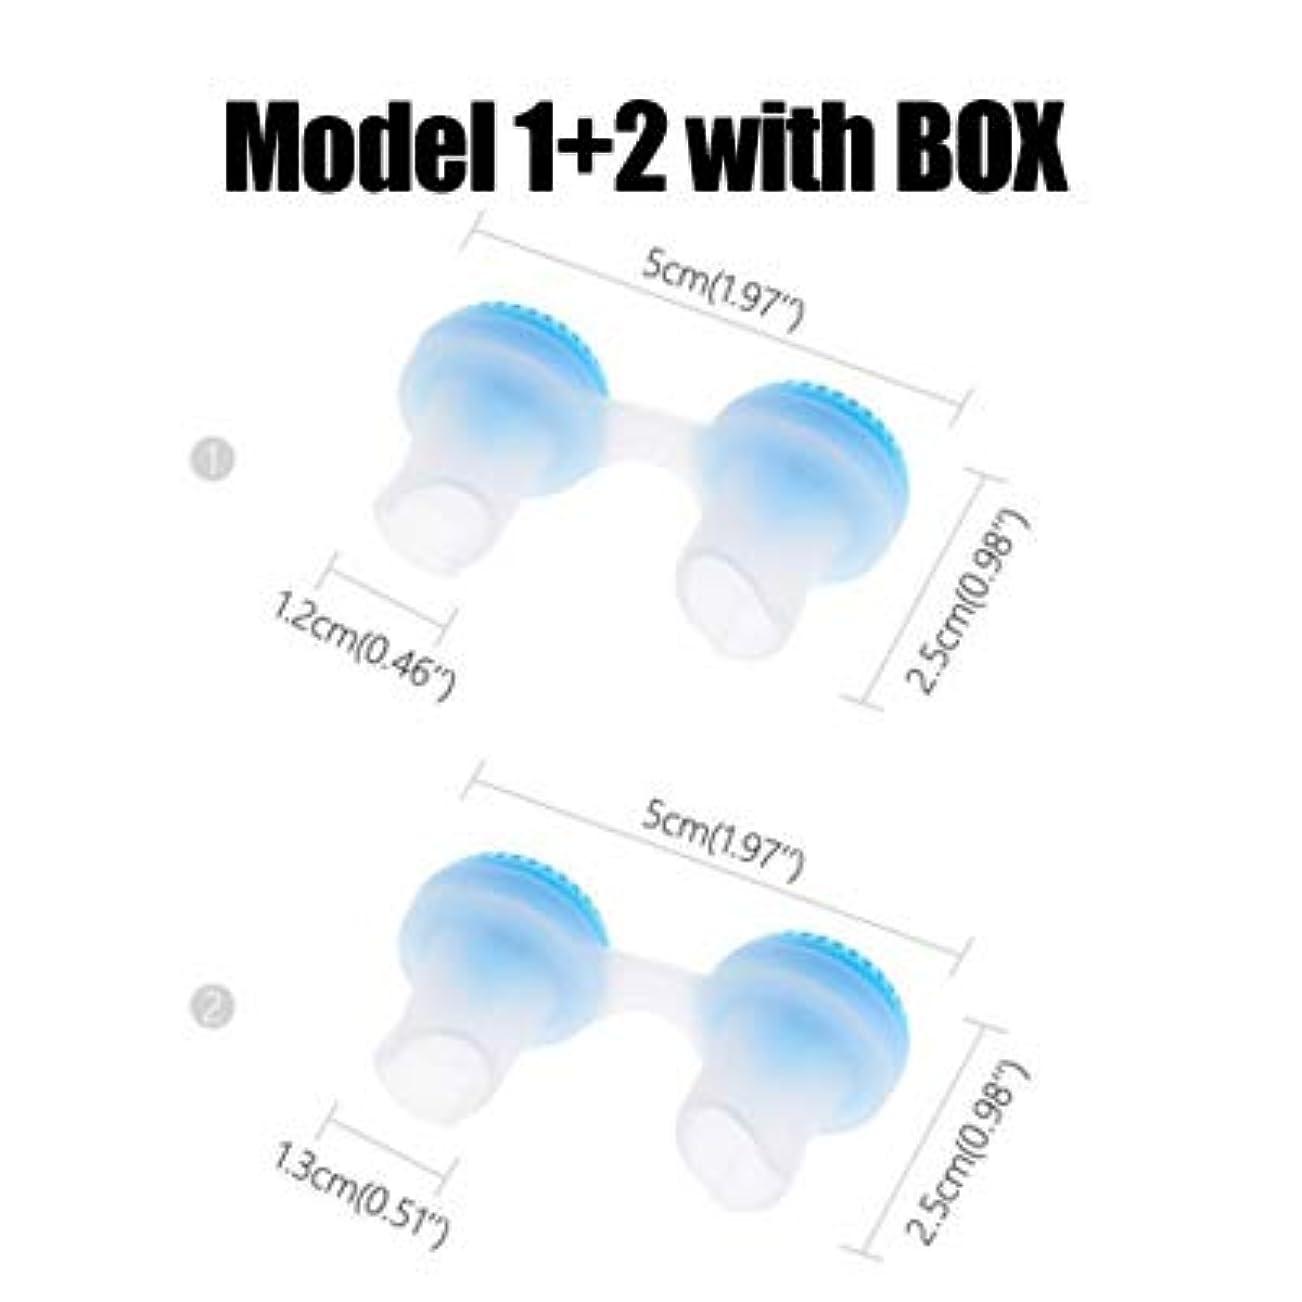 迅速単独でのみNOTE ソフトシリコンウォッシャブルノーズクリップ&フィルターPM2.5無臭安全快適ストップいびきデバイス睡眠補助鼻シェイパー